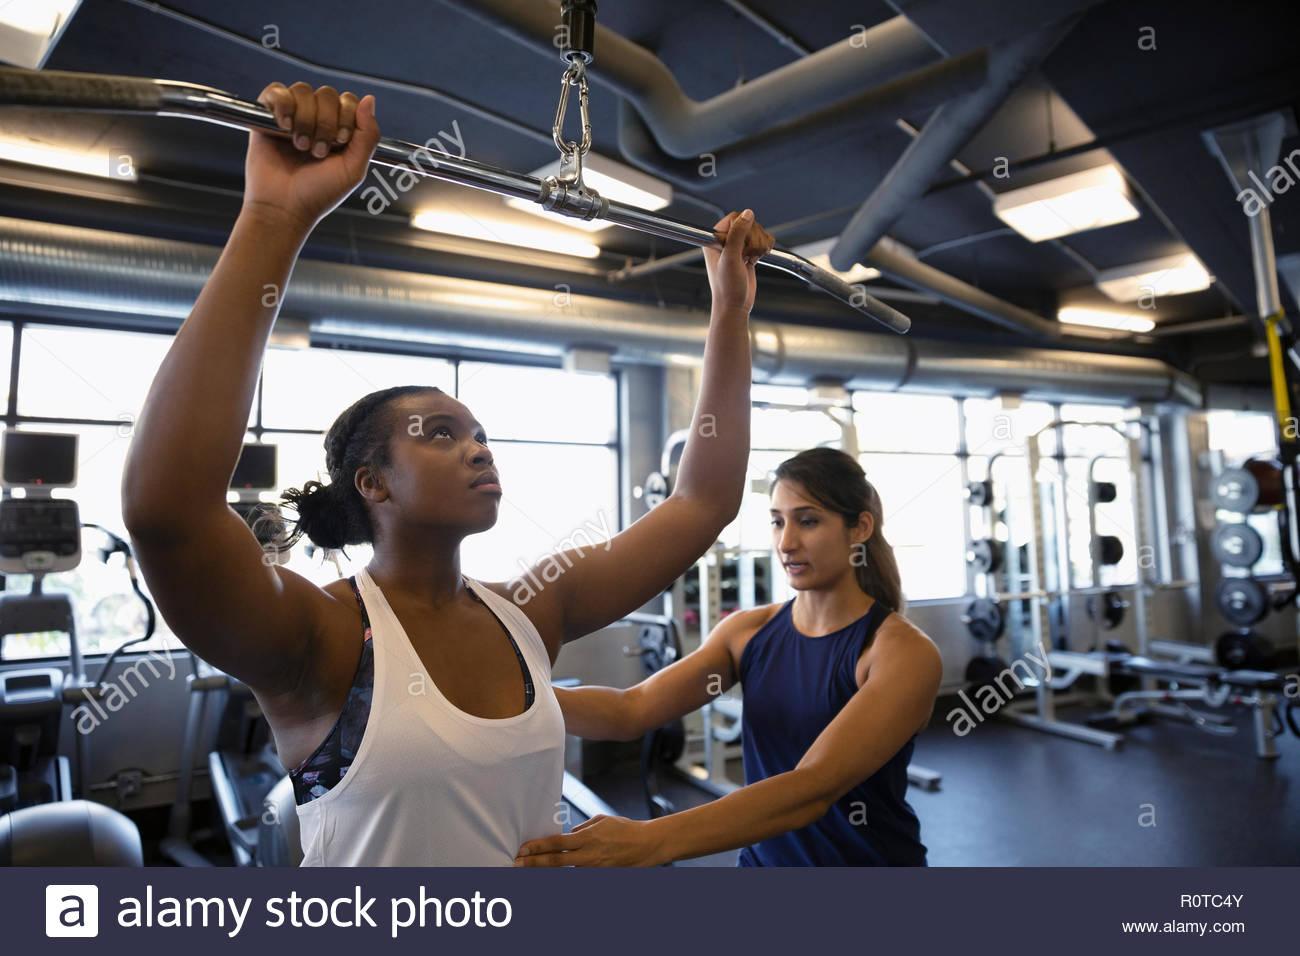 Personal trainer helping woman en utilisant l'équipement d'exercice dans la salle de sport Photo Stock